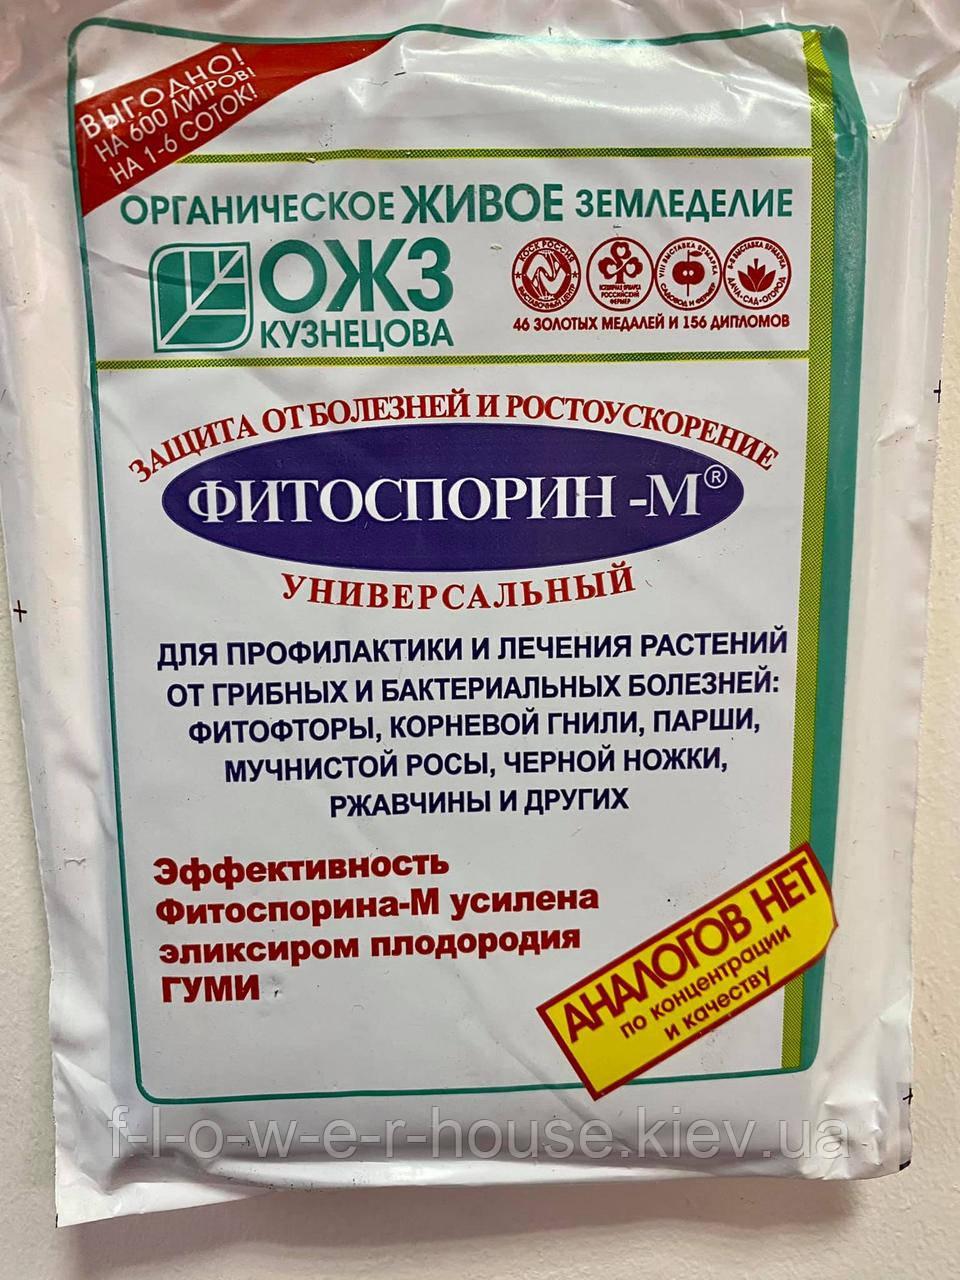 ФИТОСПОРИН-М, паста 200г